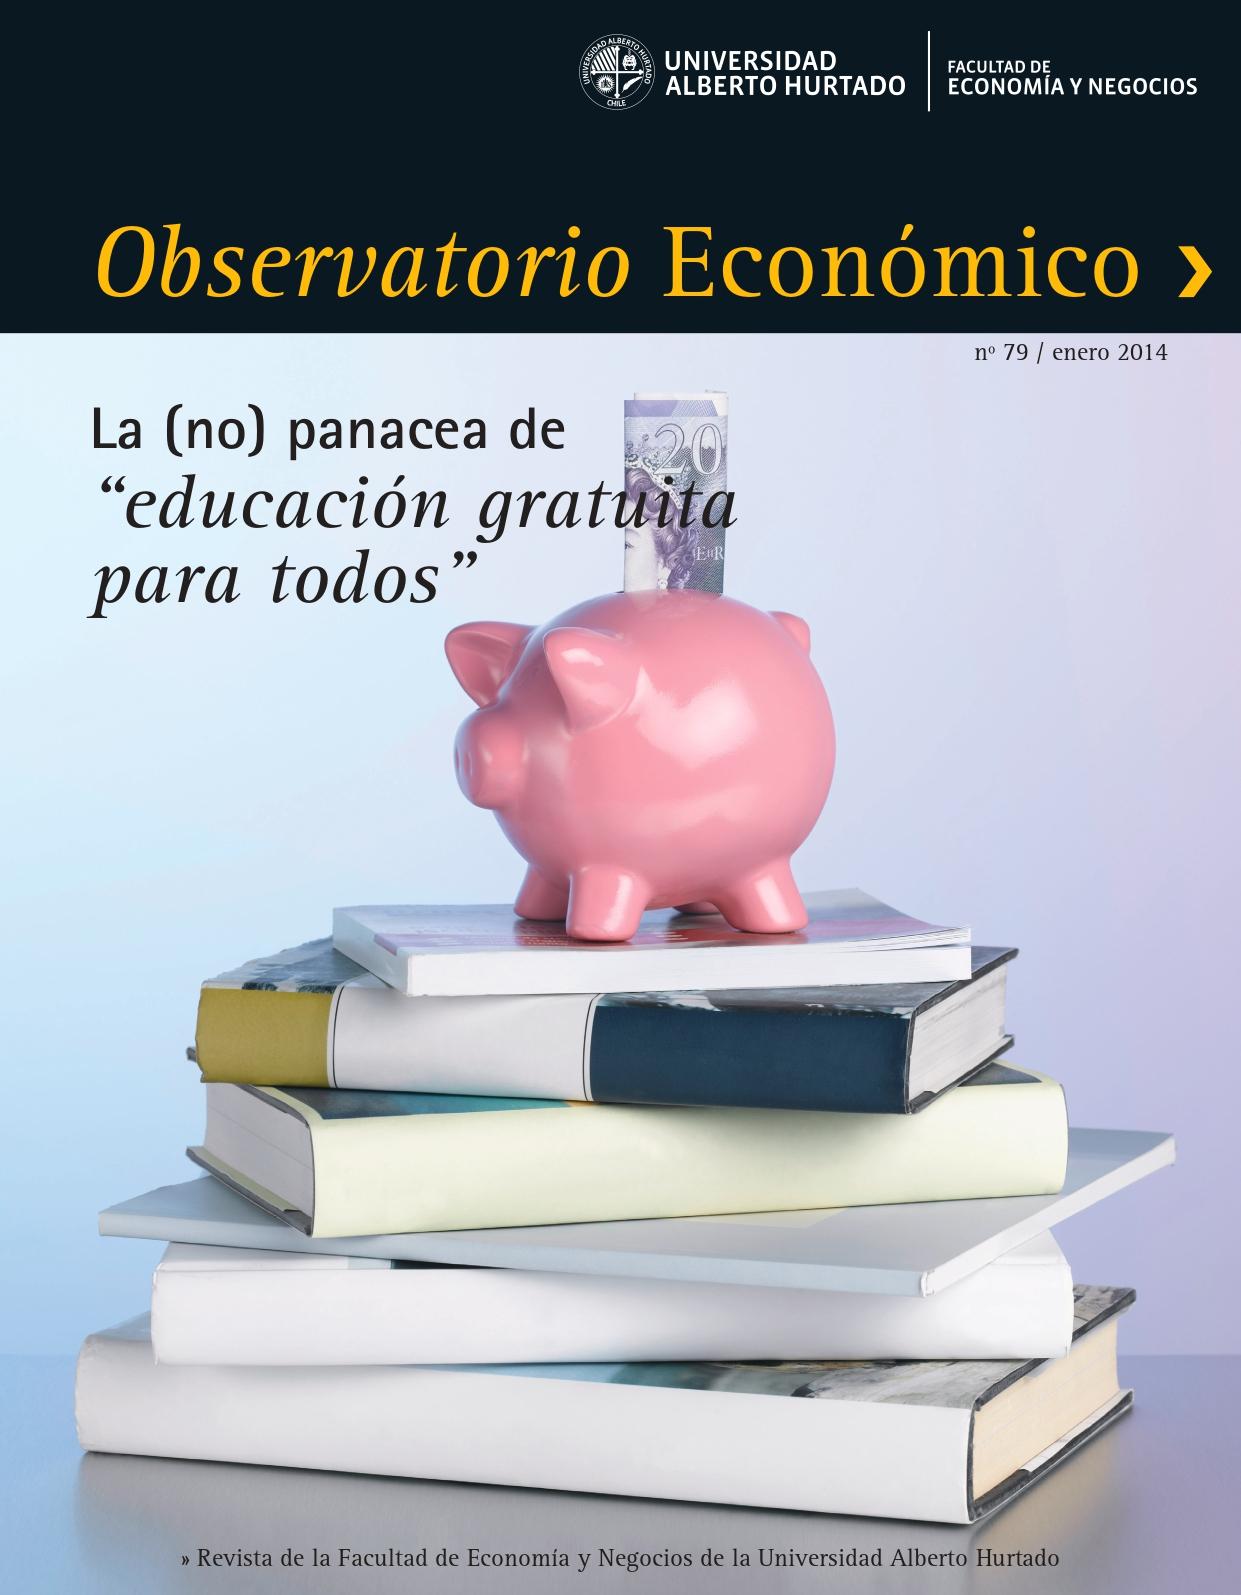 """Título del número de la revista : """"La (no) panacea de """"educación gratuita para todos"""" """" """""""